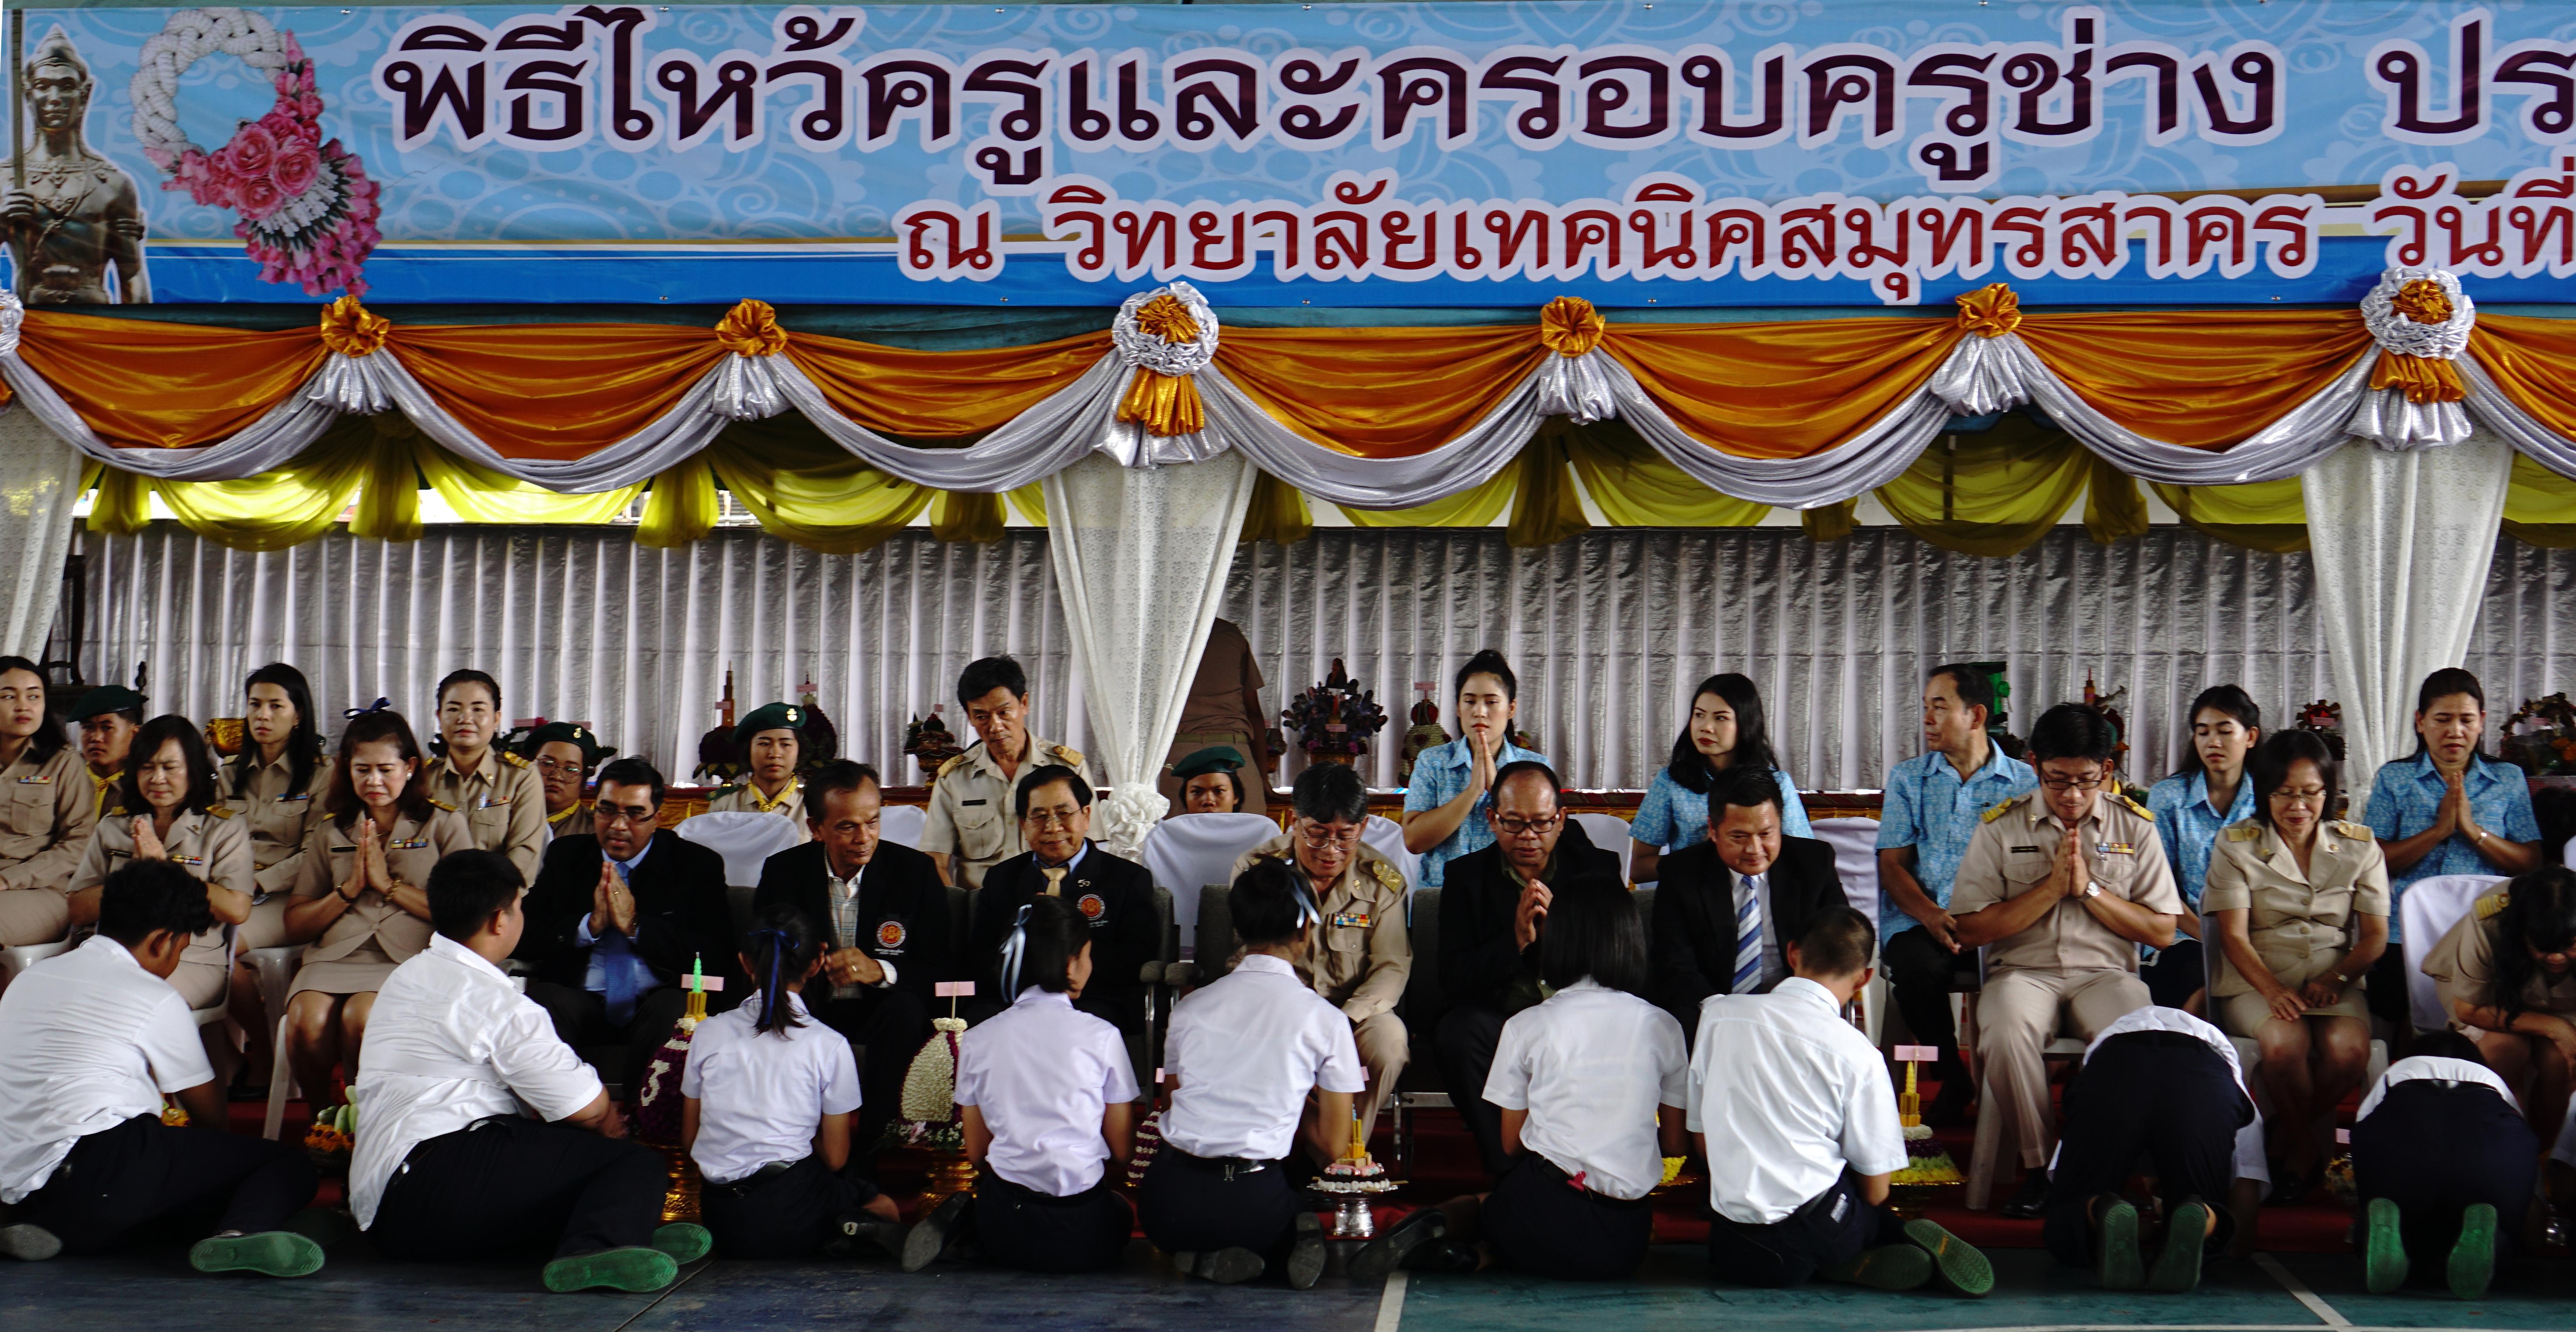 ไหว้ครูประจำการ ปีการศึกษา 2561